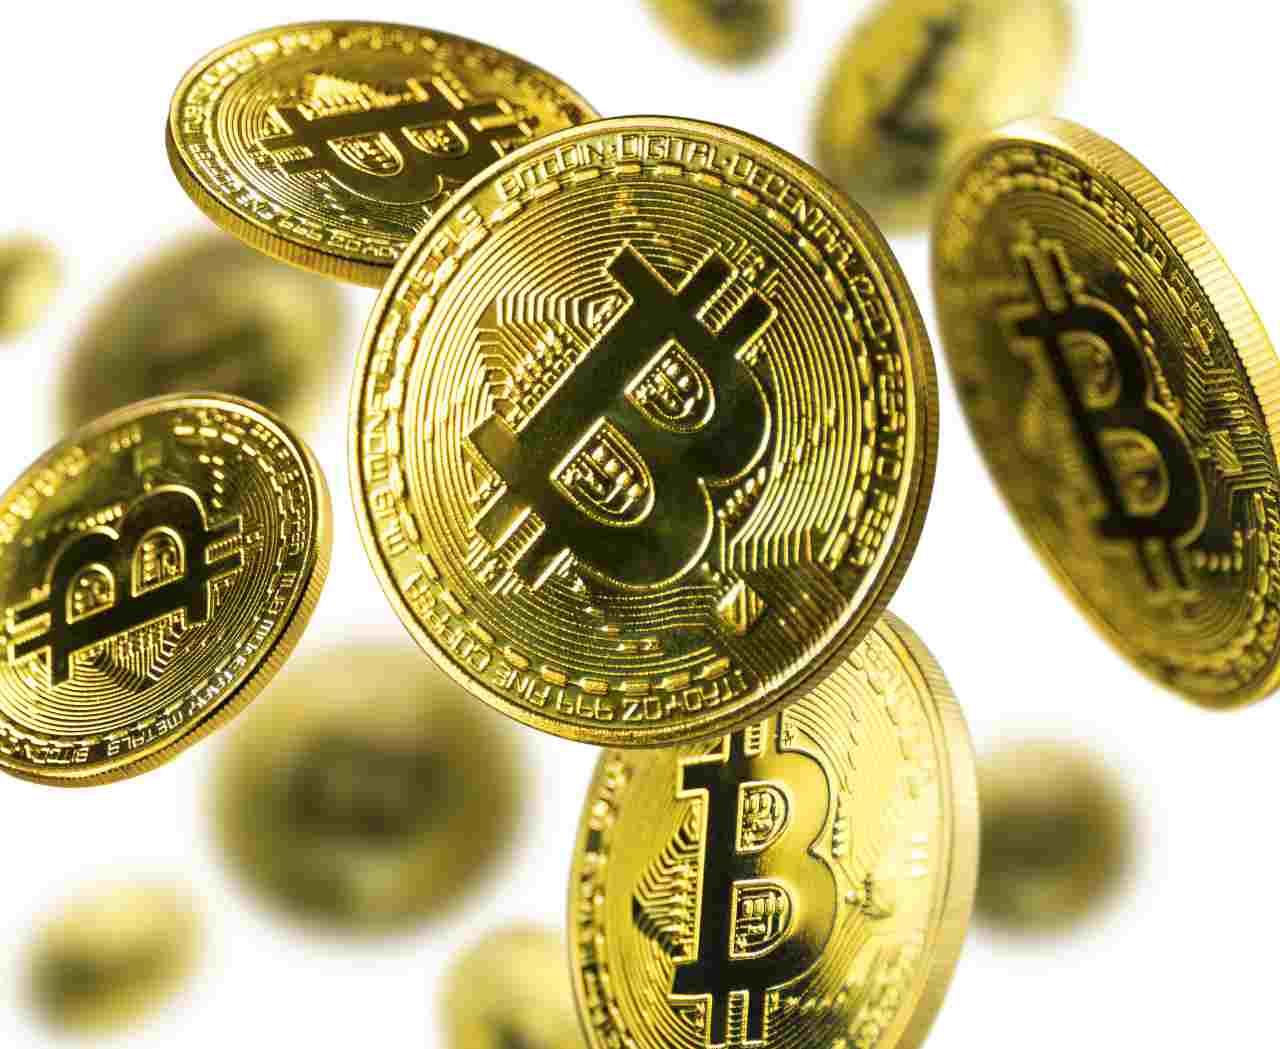 Bitcoin moneta ufficiale, tutto in 90 giorni (Adobe Stock)